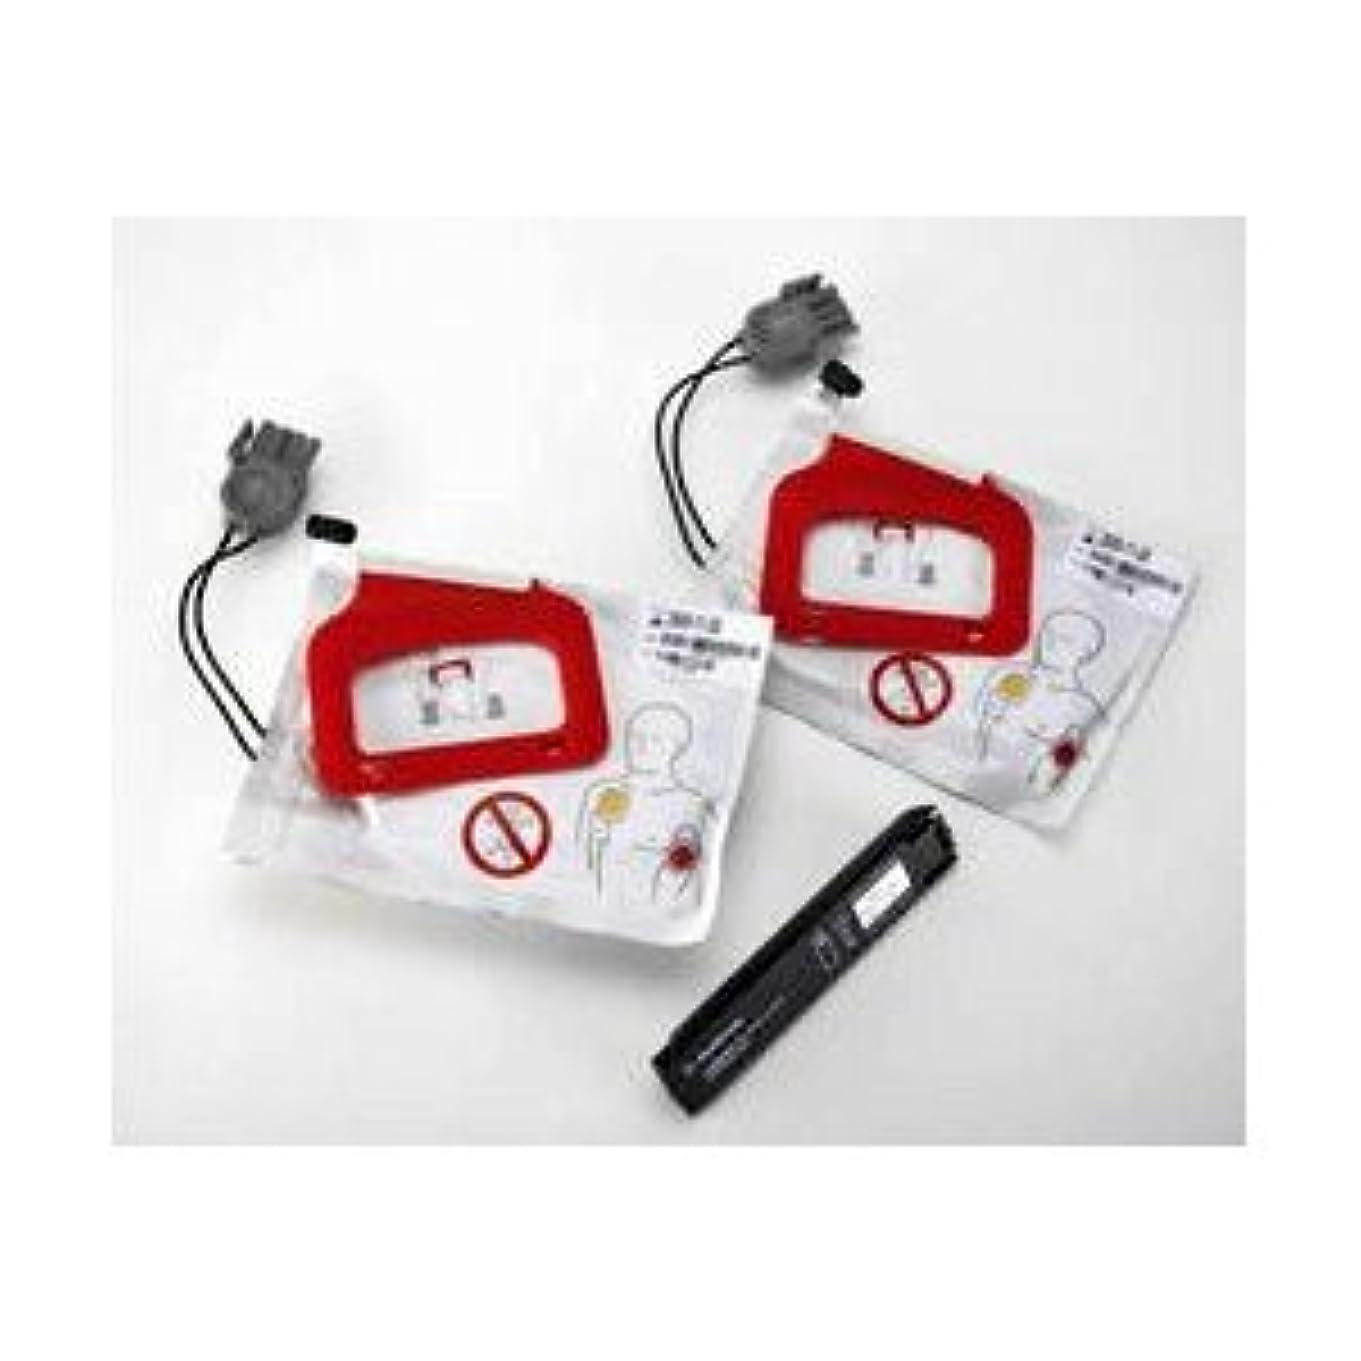 助けてなる持ってるフィジオコントロール ライフパック CR Plus 交換用キット 電極パッド&バッテリ